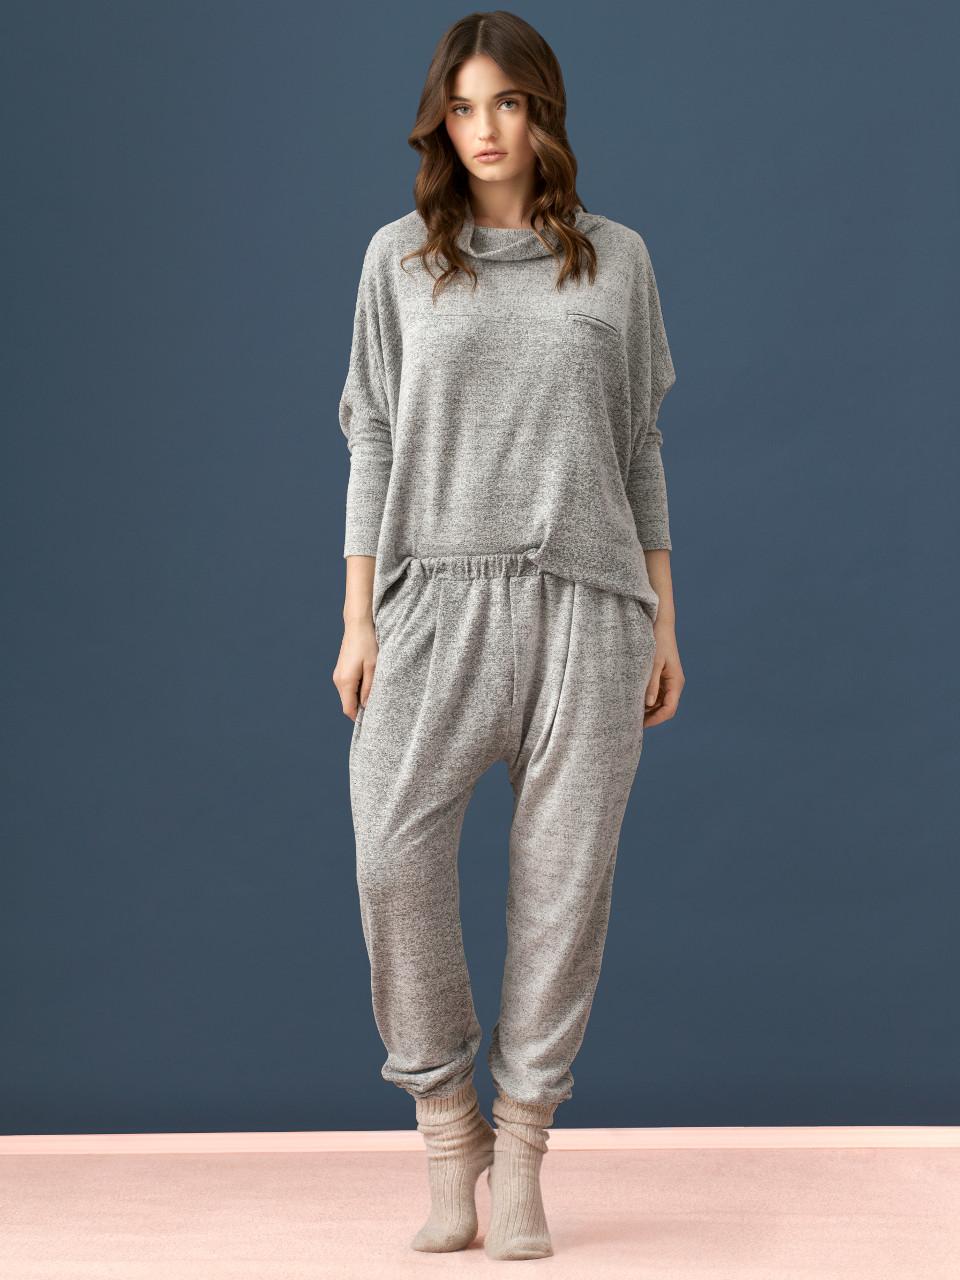 LW017 Maglia Oversize<br />14 Grey Melange<br />LW018 Pantalone<br />14 Grey Melange